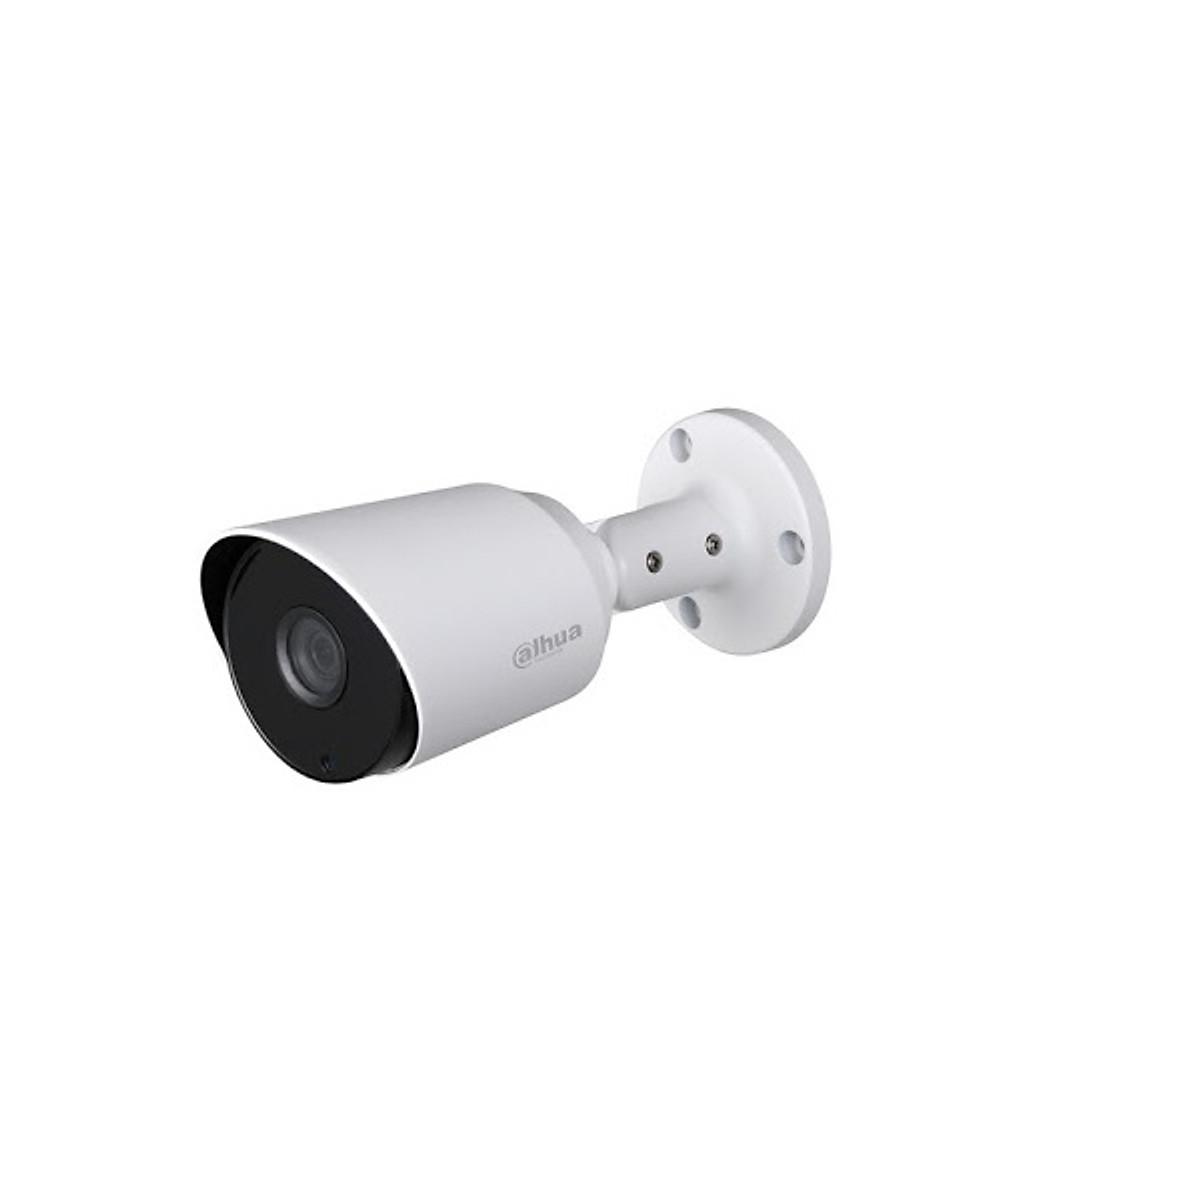 Camera HD-CVI Starlight thân trụ 2.0 Mega Pixel hồng ngoại 80m ngoài trời Dahua HAC-HFW1230TLP-A – Hàng nhập khẩu